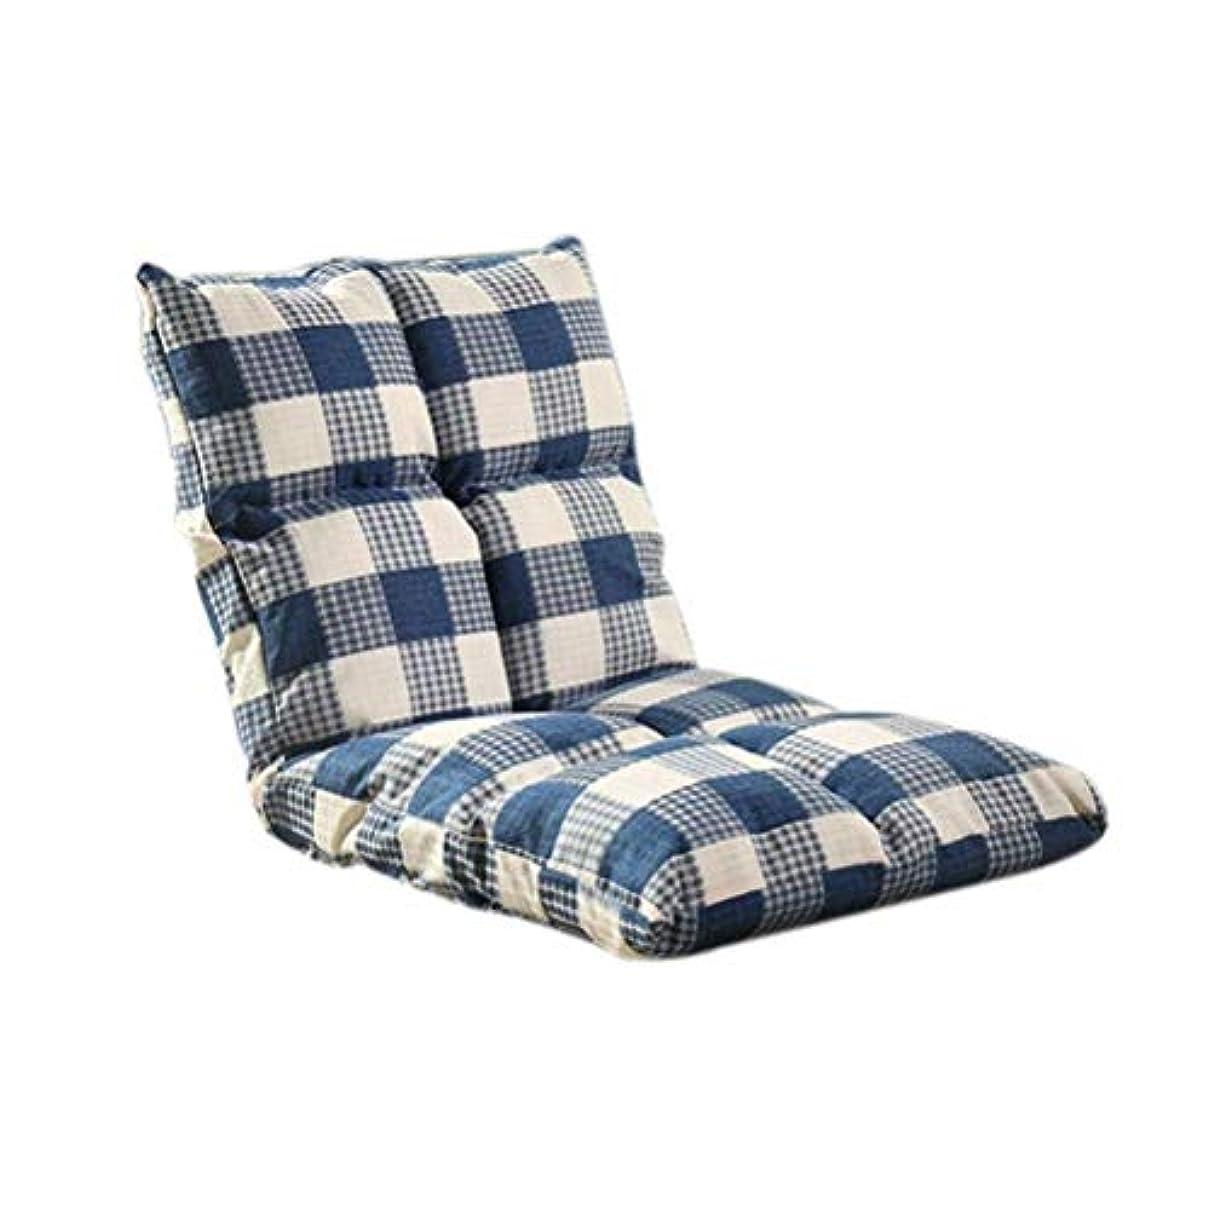 オリエンテーションジャンプ倒錯瞑想椅子、折りたたみ椅子、調節可能な椅子、畳シングルチェア、背もたれ付きのベッドルームベイウィンドウ日本の椅子、怠zyなソファゲームチェア (Color : 濃紺)